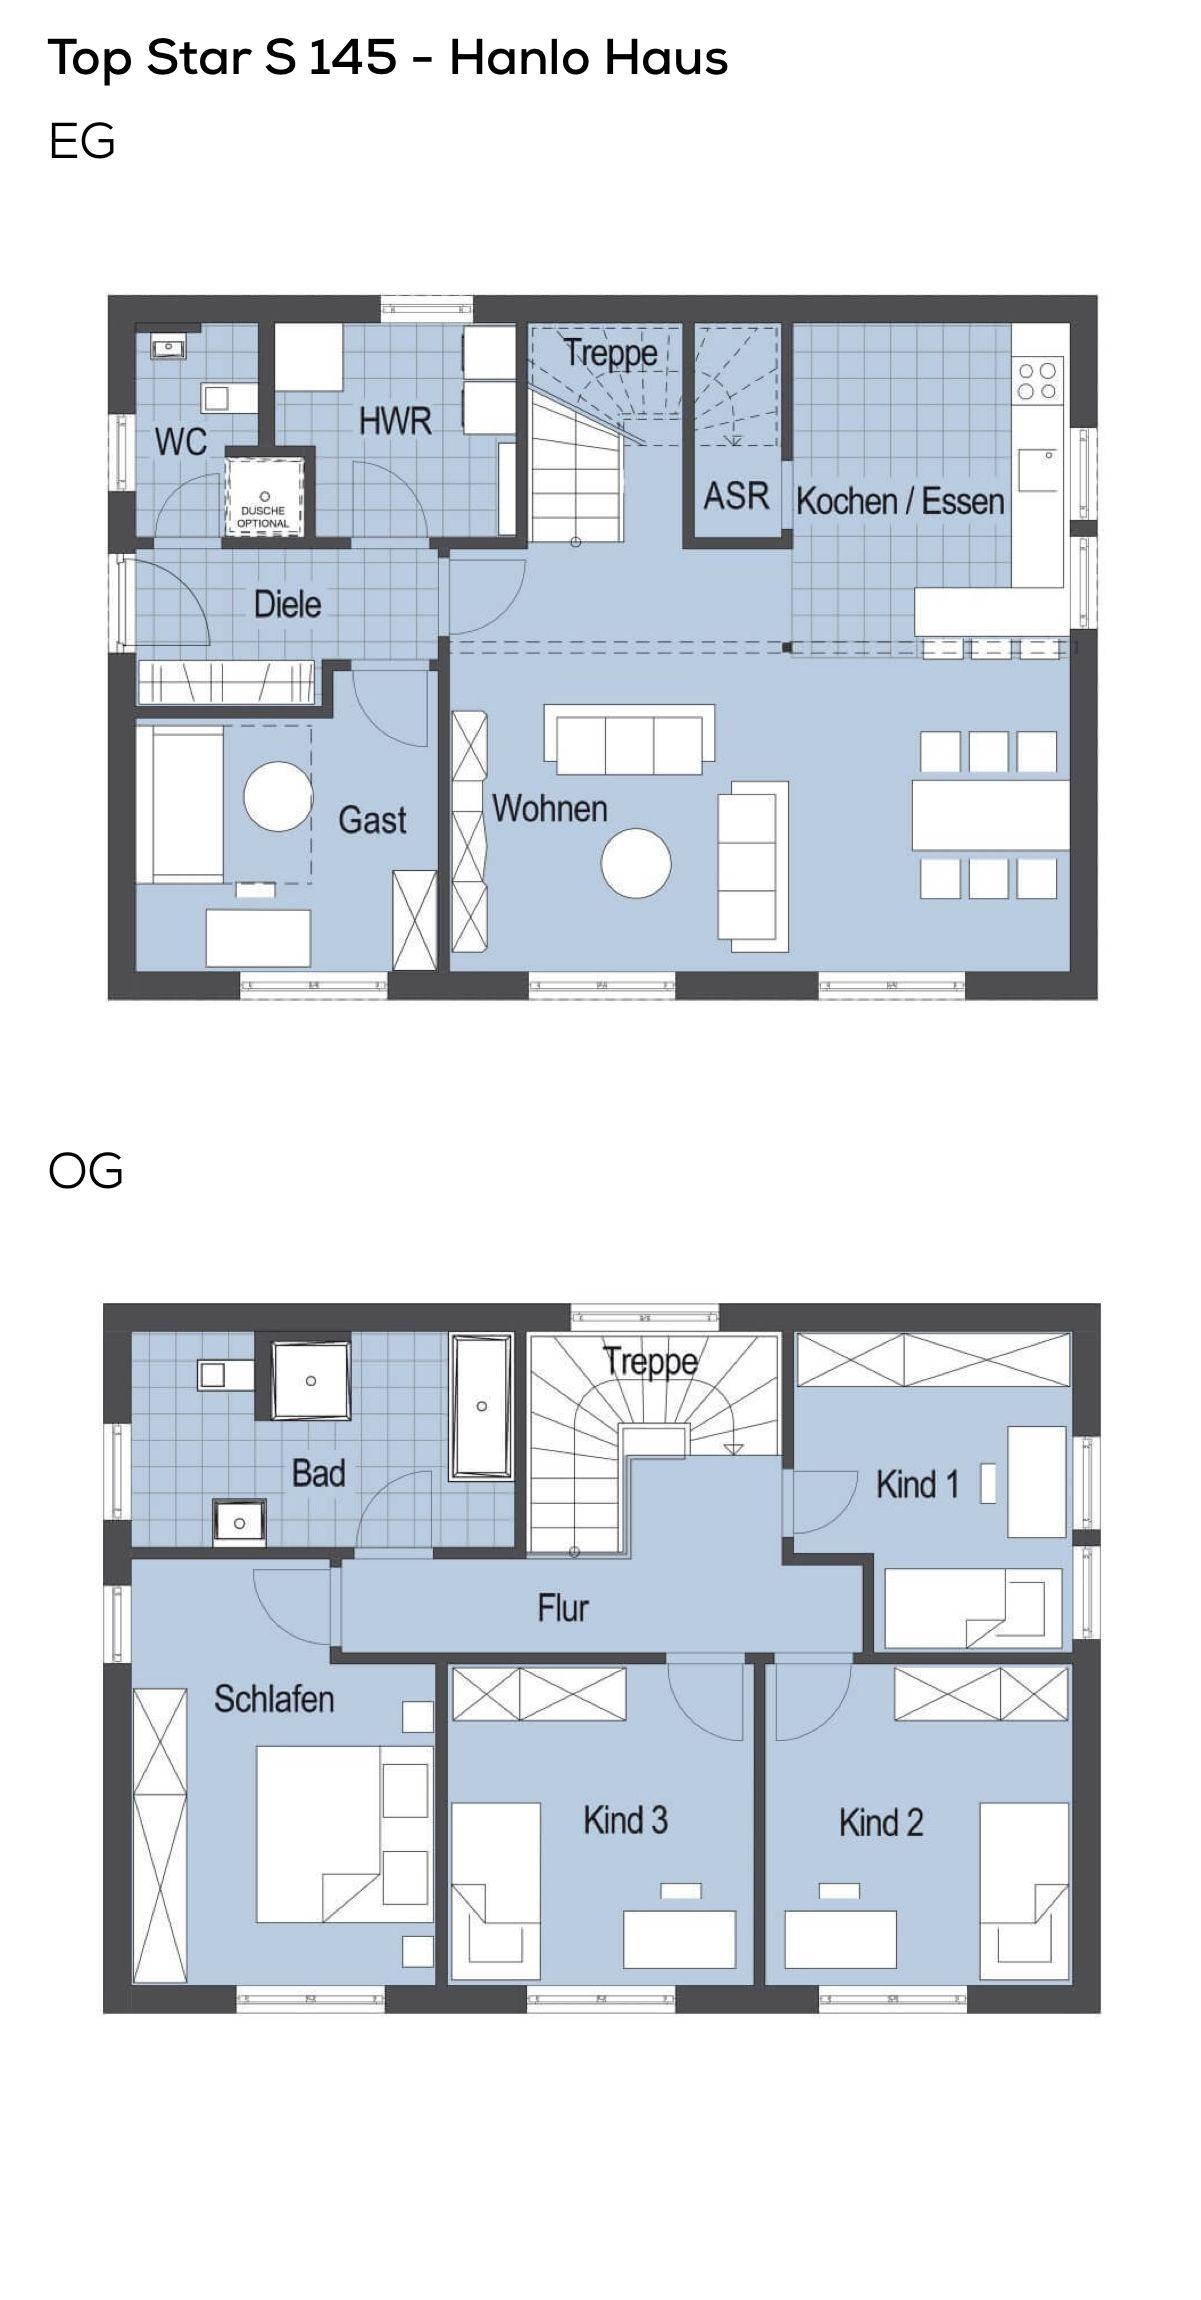 grundrisse stadtvilla modern mit pultdach architektur 6 On einfamilienhaus 6 zimmer grundriss